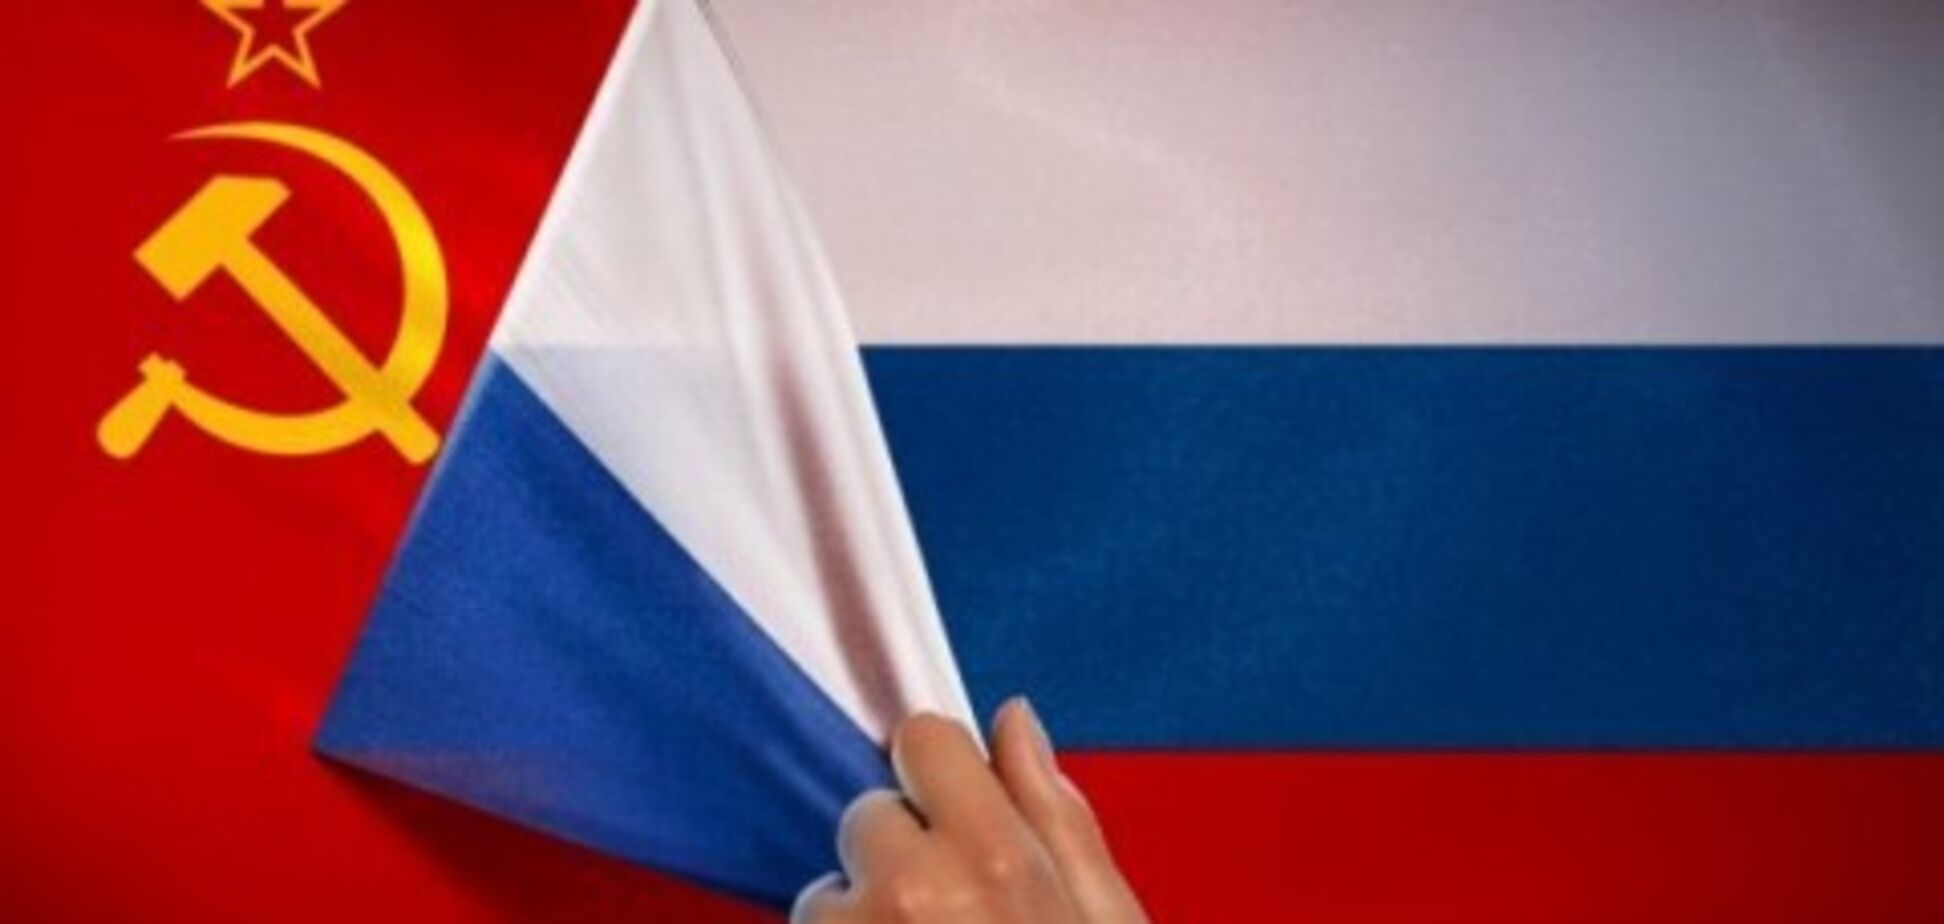 Как РФ стала правопреемником СССР, если СССР никогда официально не создавали